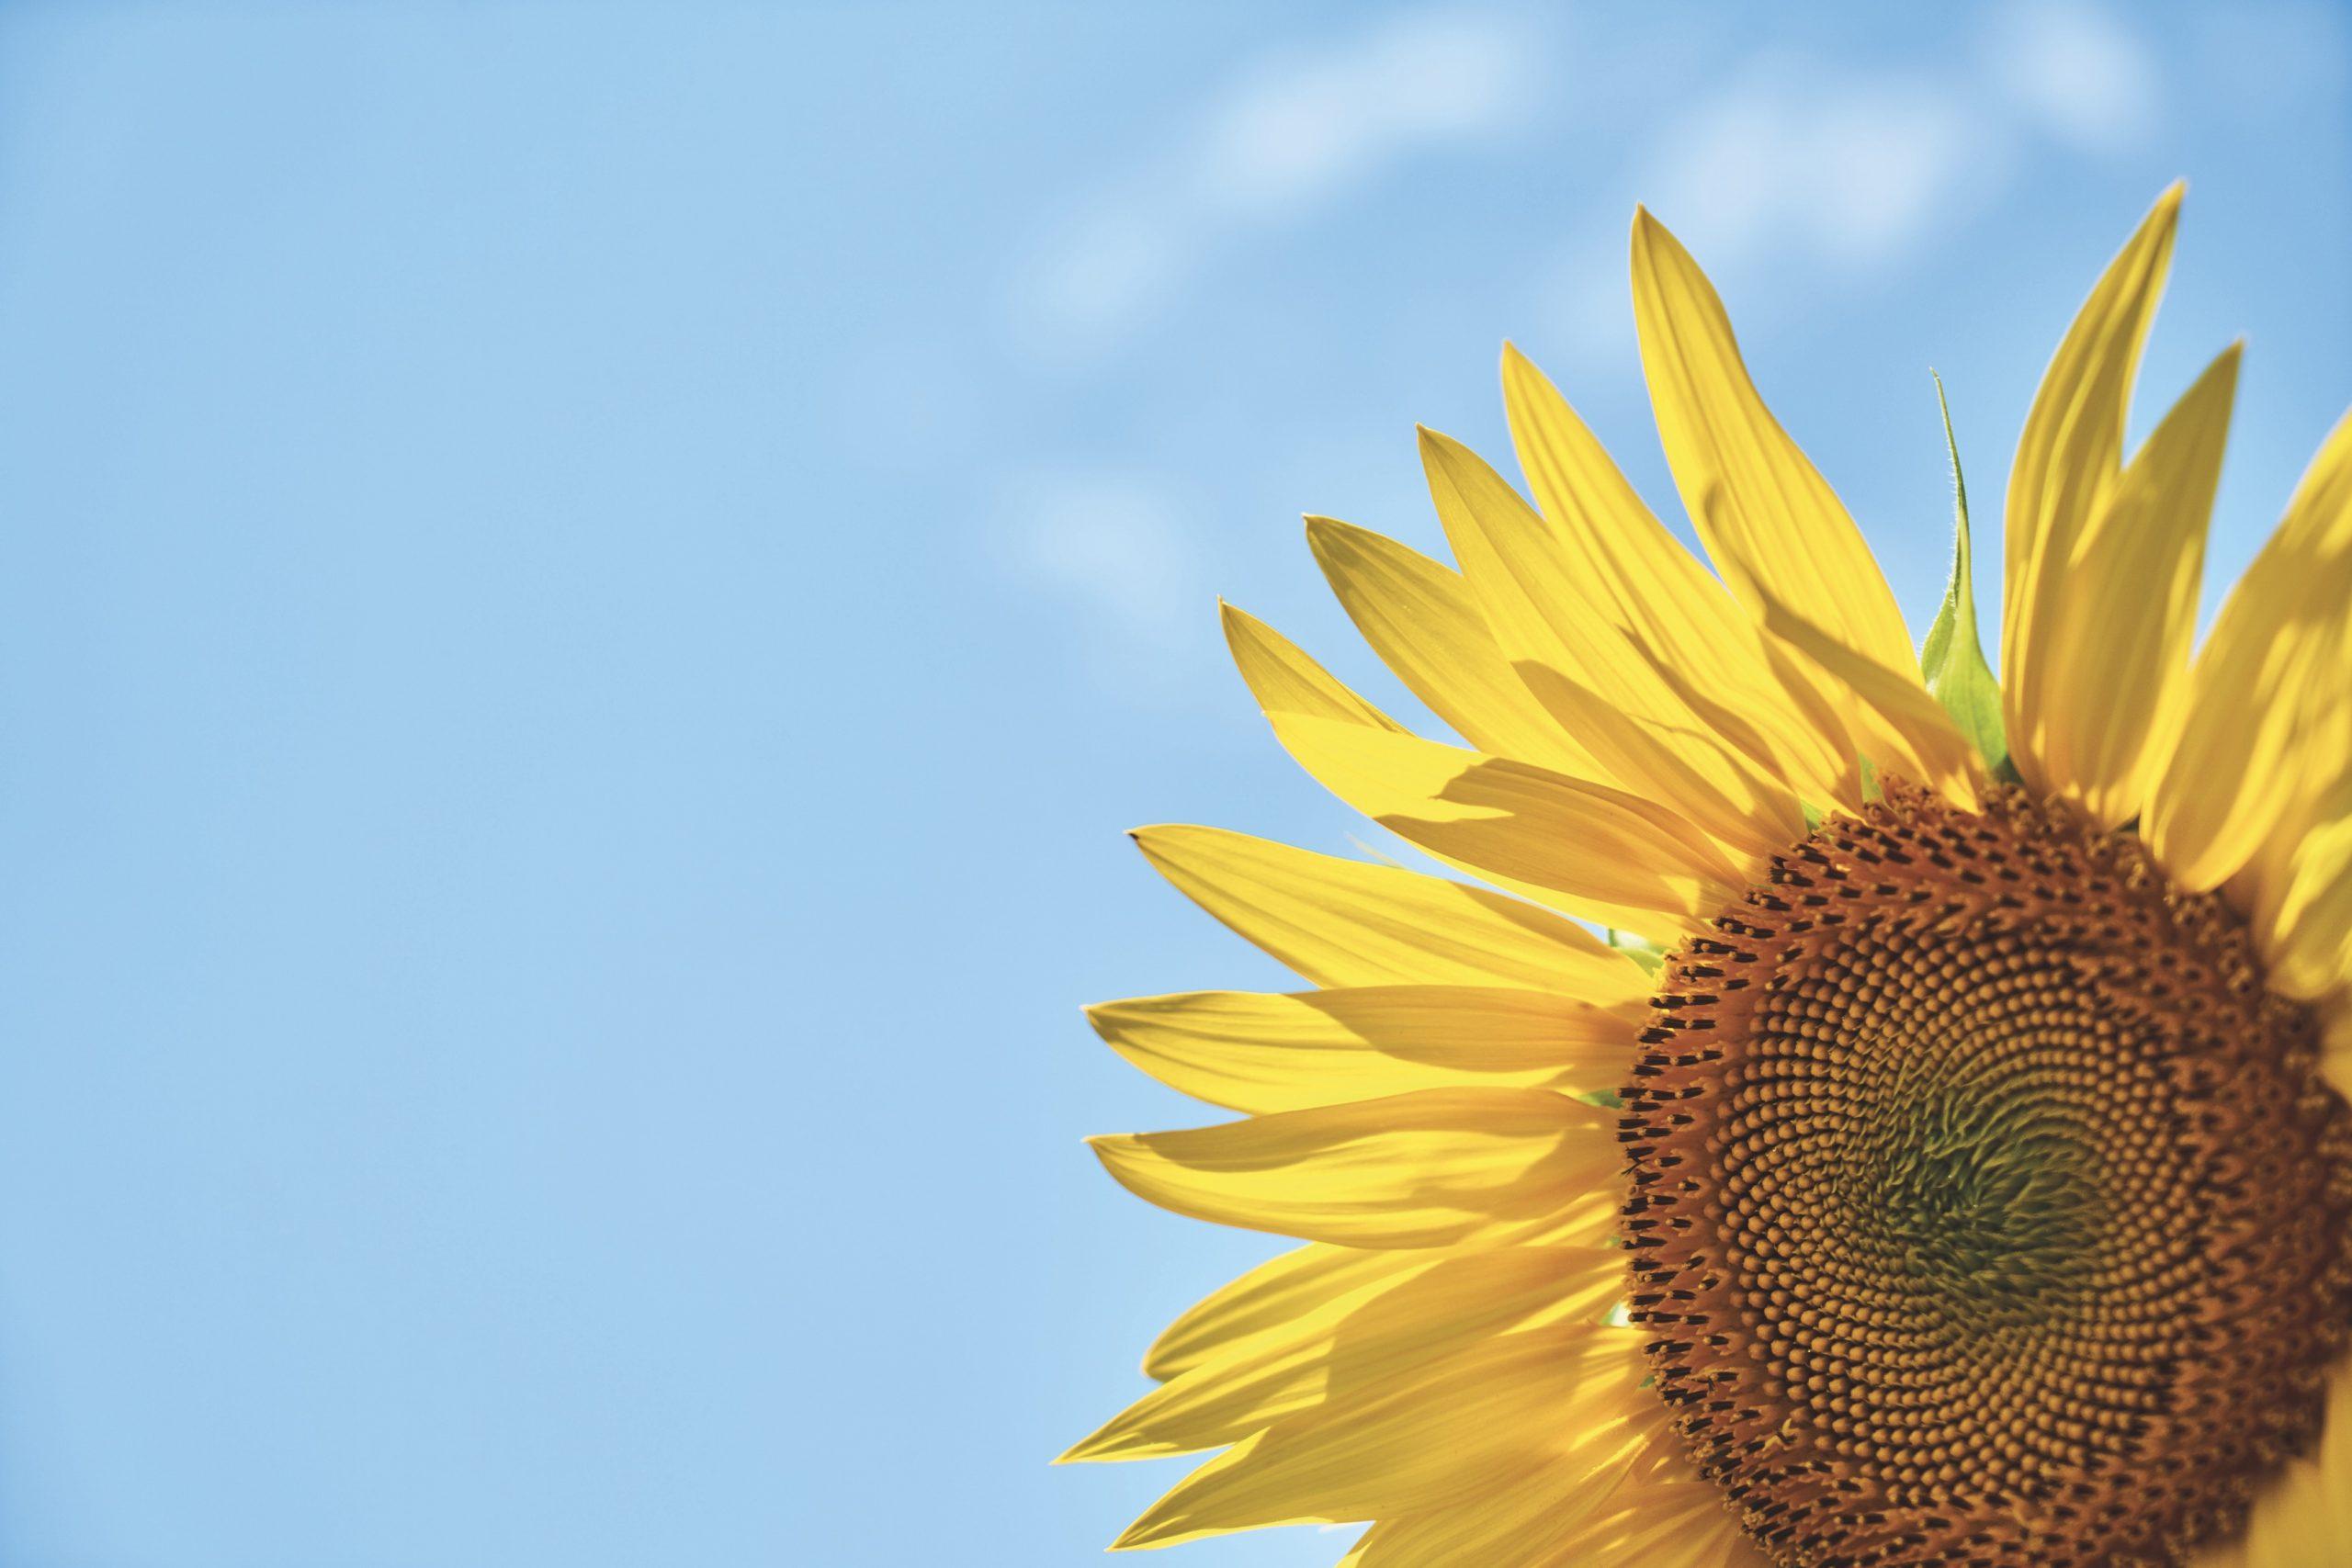 FF201909-sunflower-3616249